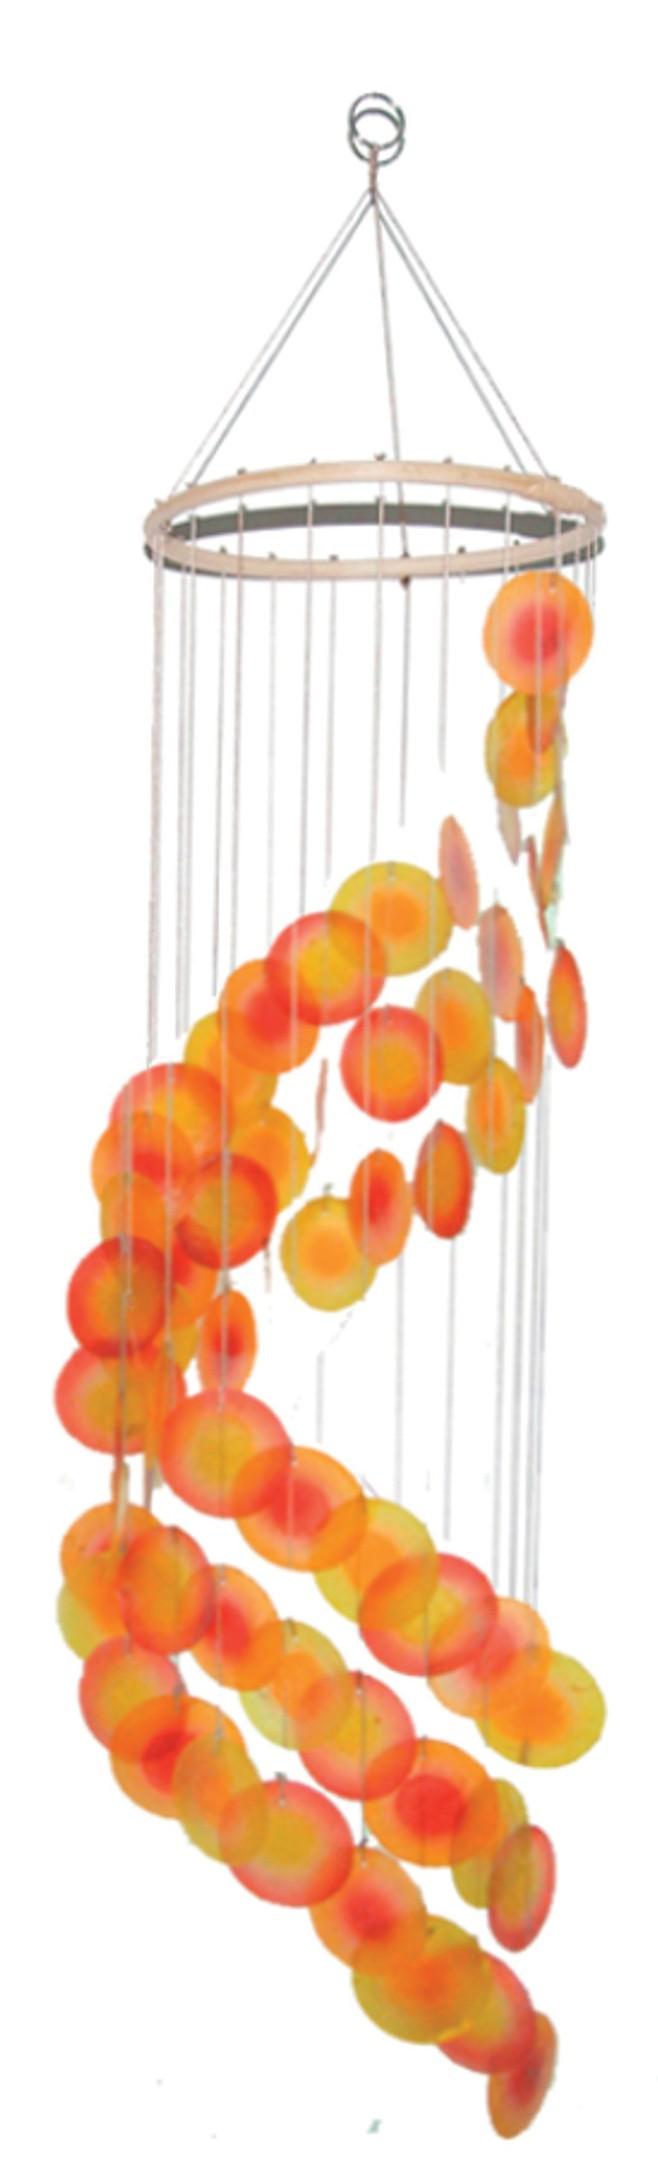 muschel mobile spirale orange rot gelb roemer feng shui. Black Bedroom Furniture Sets. Home Design Ideas